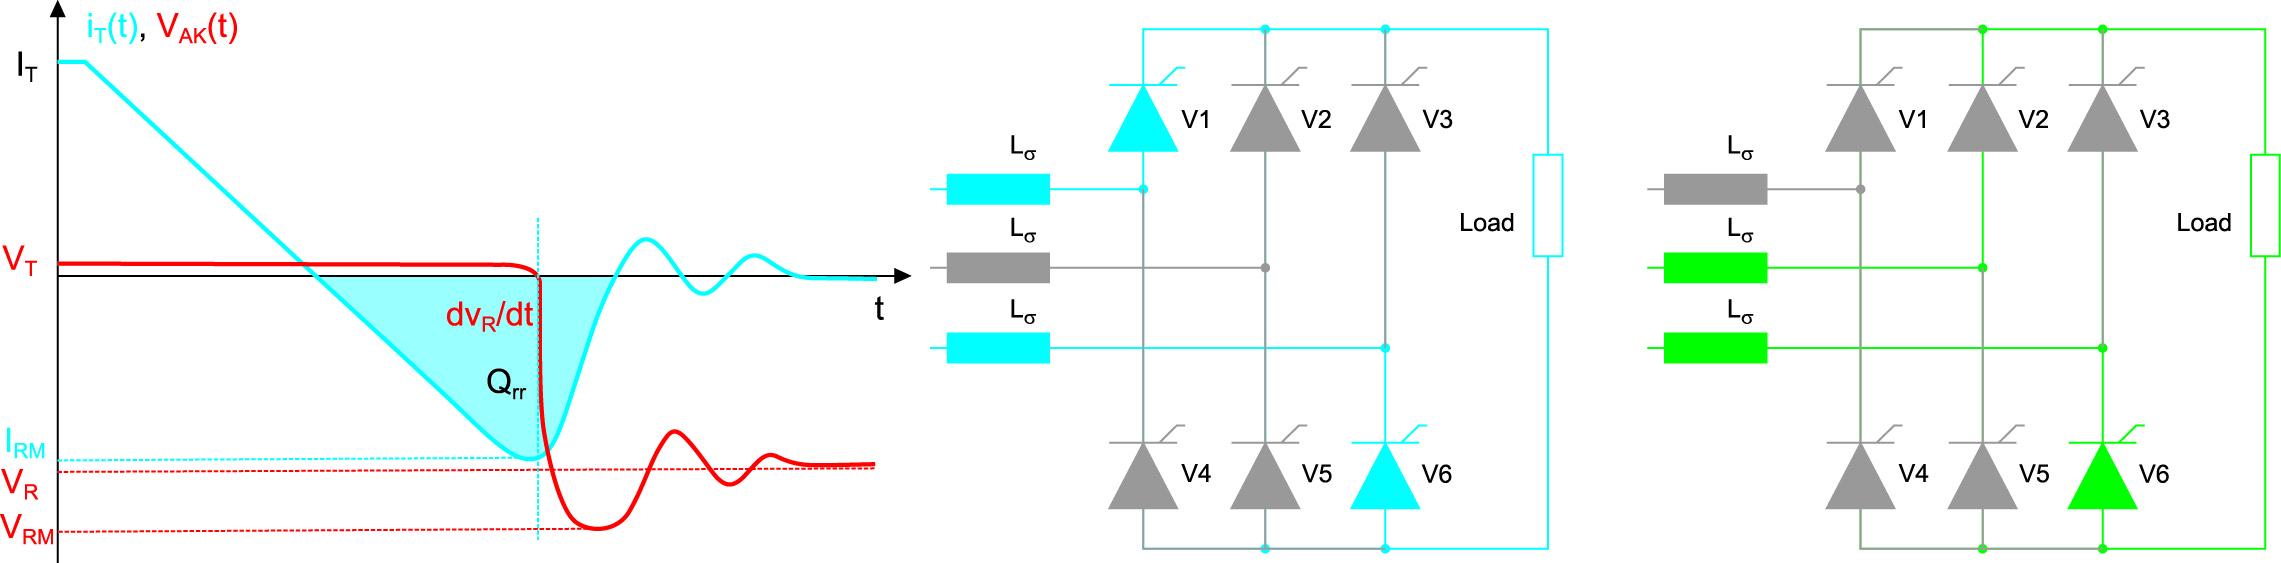 Ток и напряжение при переходе V1 из проводящего в заблокированное состояние (коммутация от V1/V6 к V2/V6)